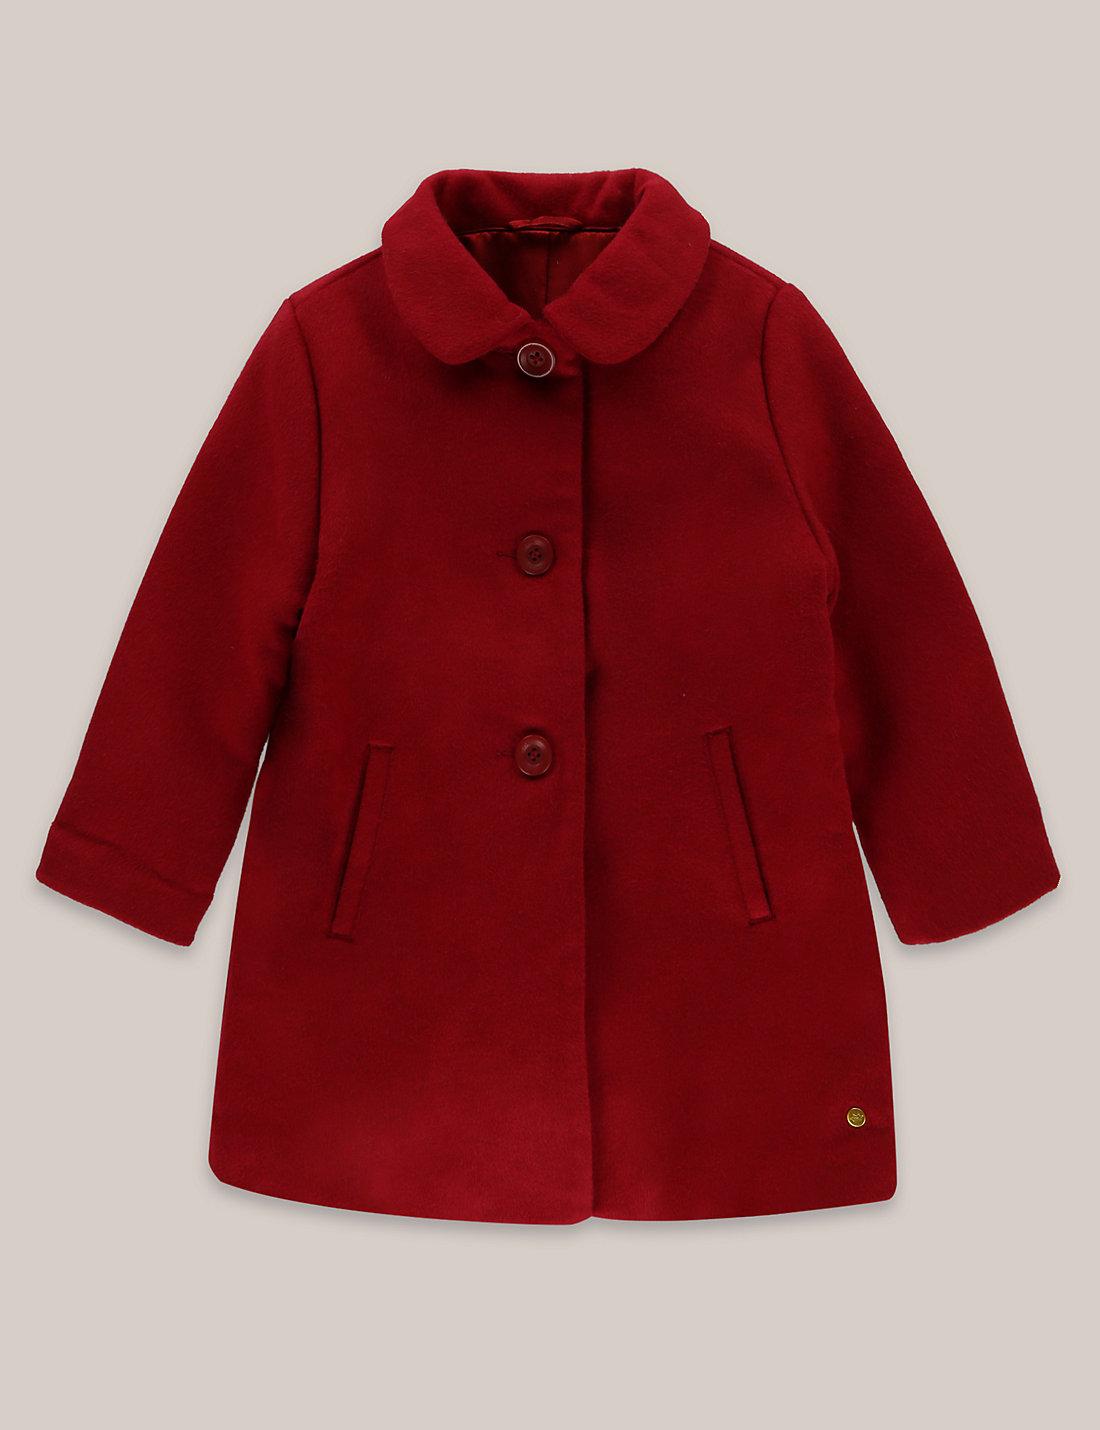 Red child's coat